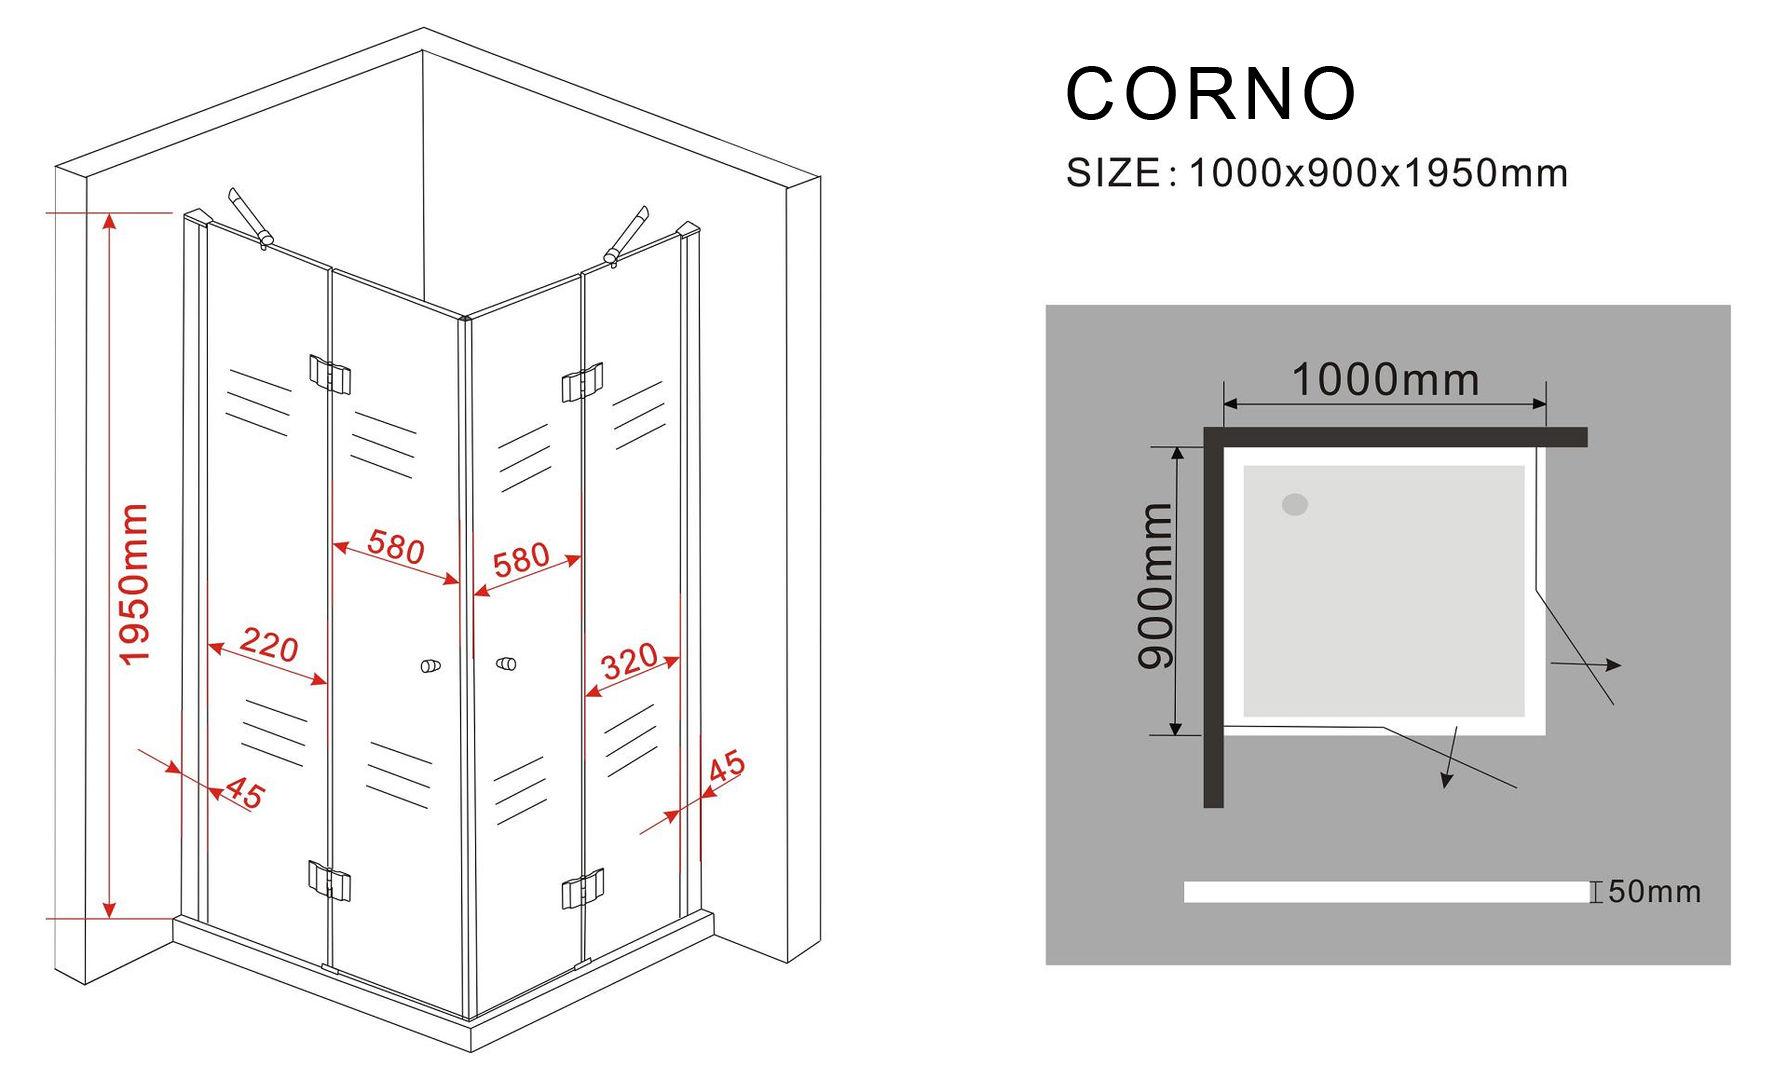 Duschkabine CORNO 100 x 90 x 200 cm inkl. Duschtasse